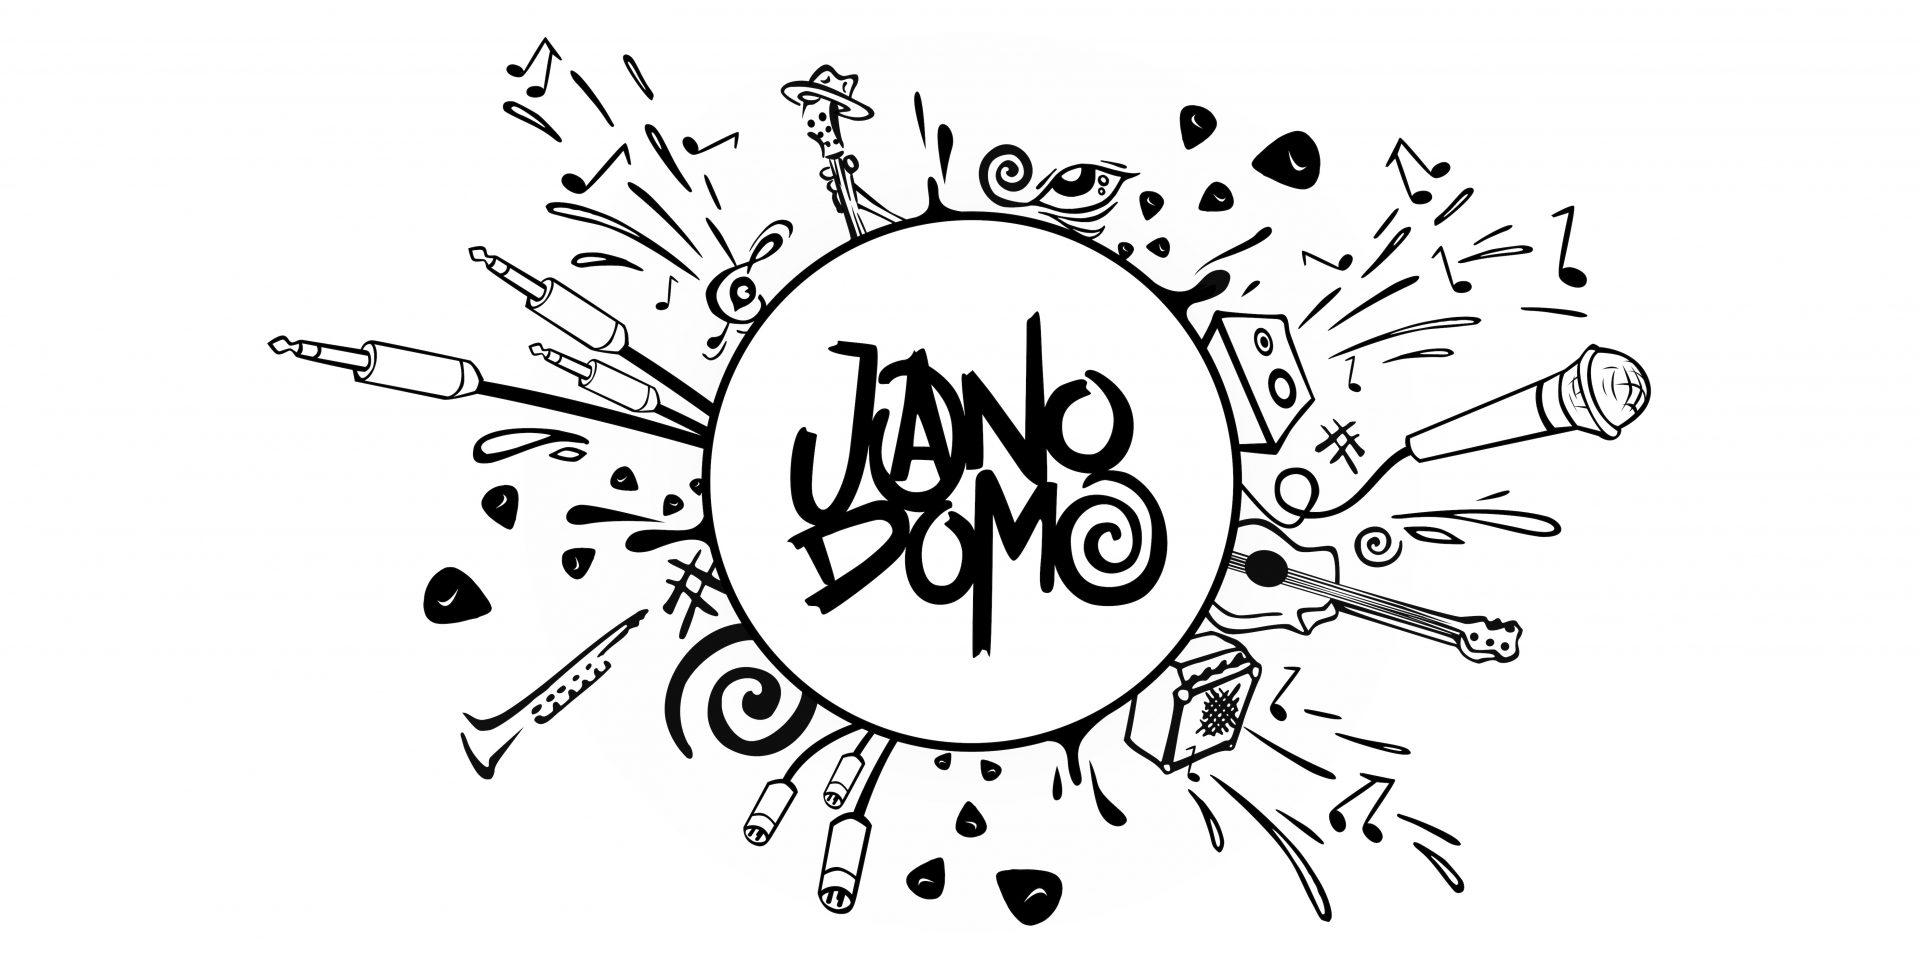 Jano Domo Band Logo Banner & Merch Design